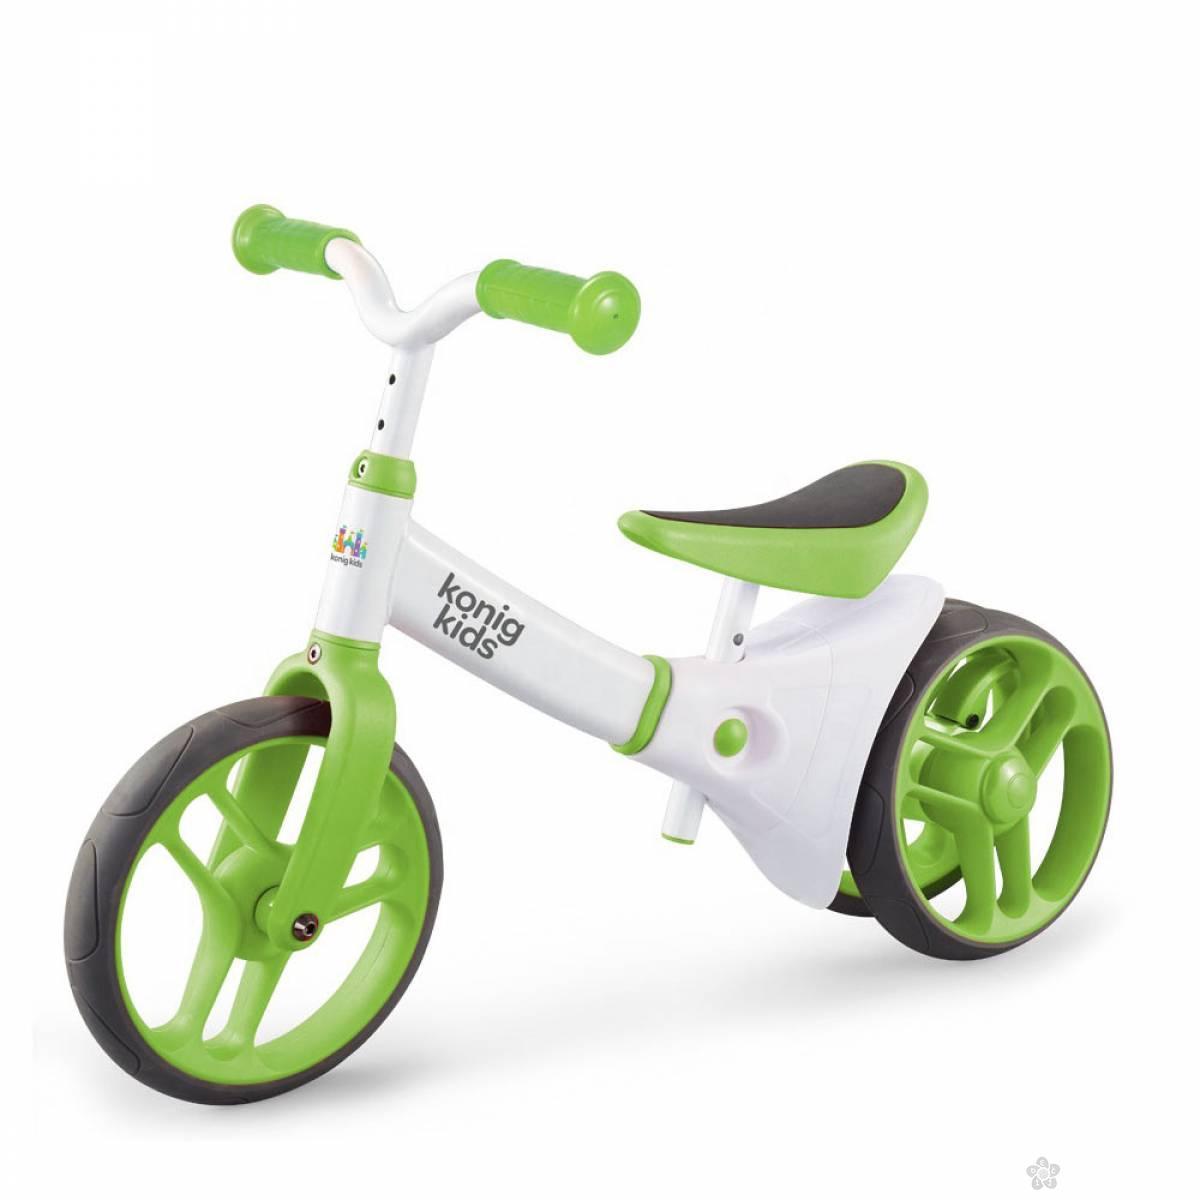 Balans bicikl Konig kids 012408